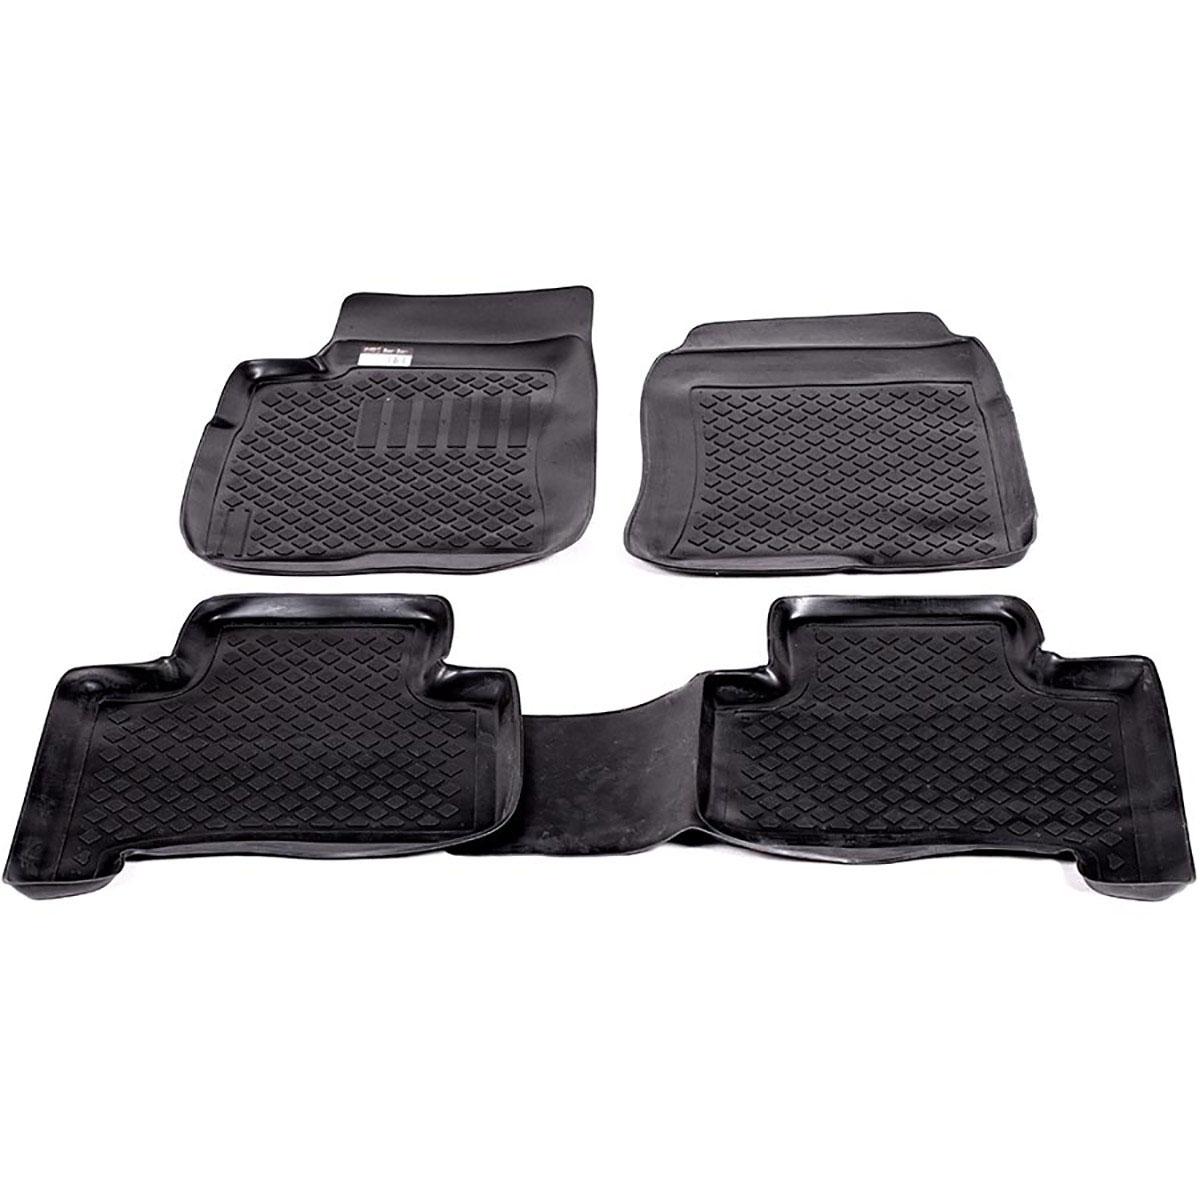 Набор автомобильных ковриков L.Locker для Lexus GX 470 (02-), в салон, 4 шт0228030101Коврики L.Locker производятся индивидуально для каждой модели автомобиля из современного и экологически чистого материала, точно повторяют геометрию пола автомобиля, имеют высокий борт от 3 см до 4 см, обладают повышенной износоустойчивостью, антискользящими свойствами, лишены резкого запаха, сохраняют свои потребительские свойства в широком диапазоне температур (от -50°С до +80°С).